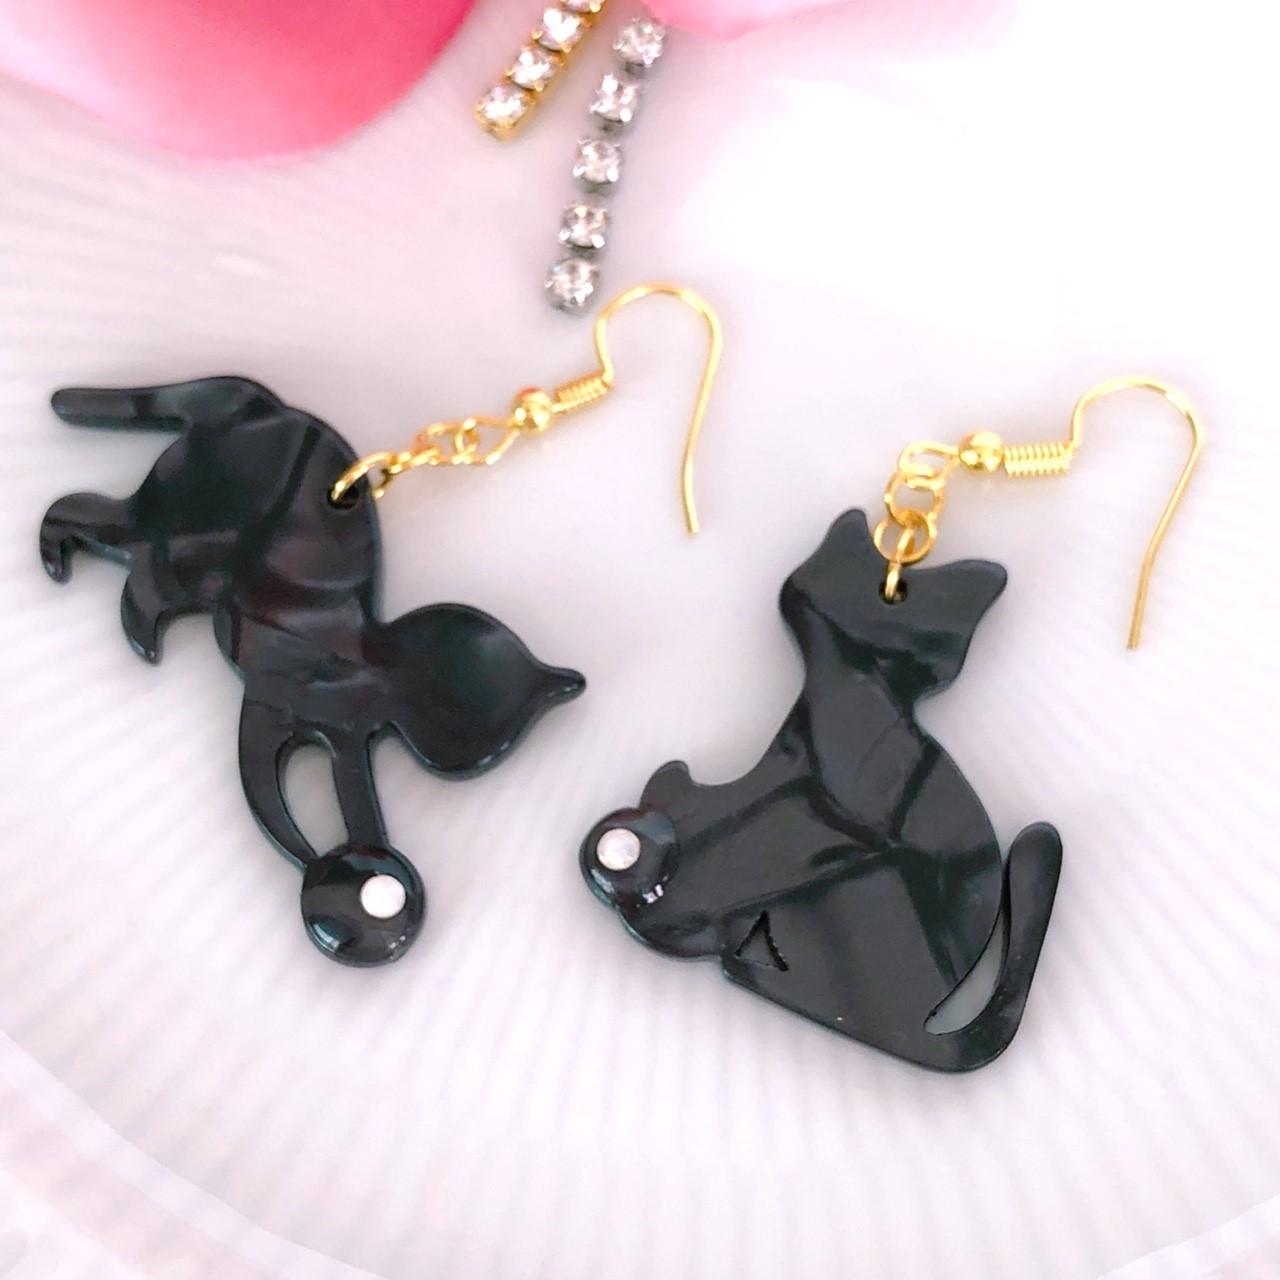 【サニーショコラ】黒猫アシンメトリーピアスp1201002